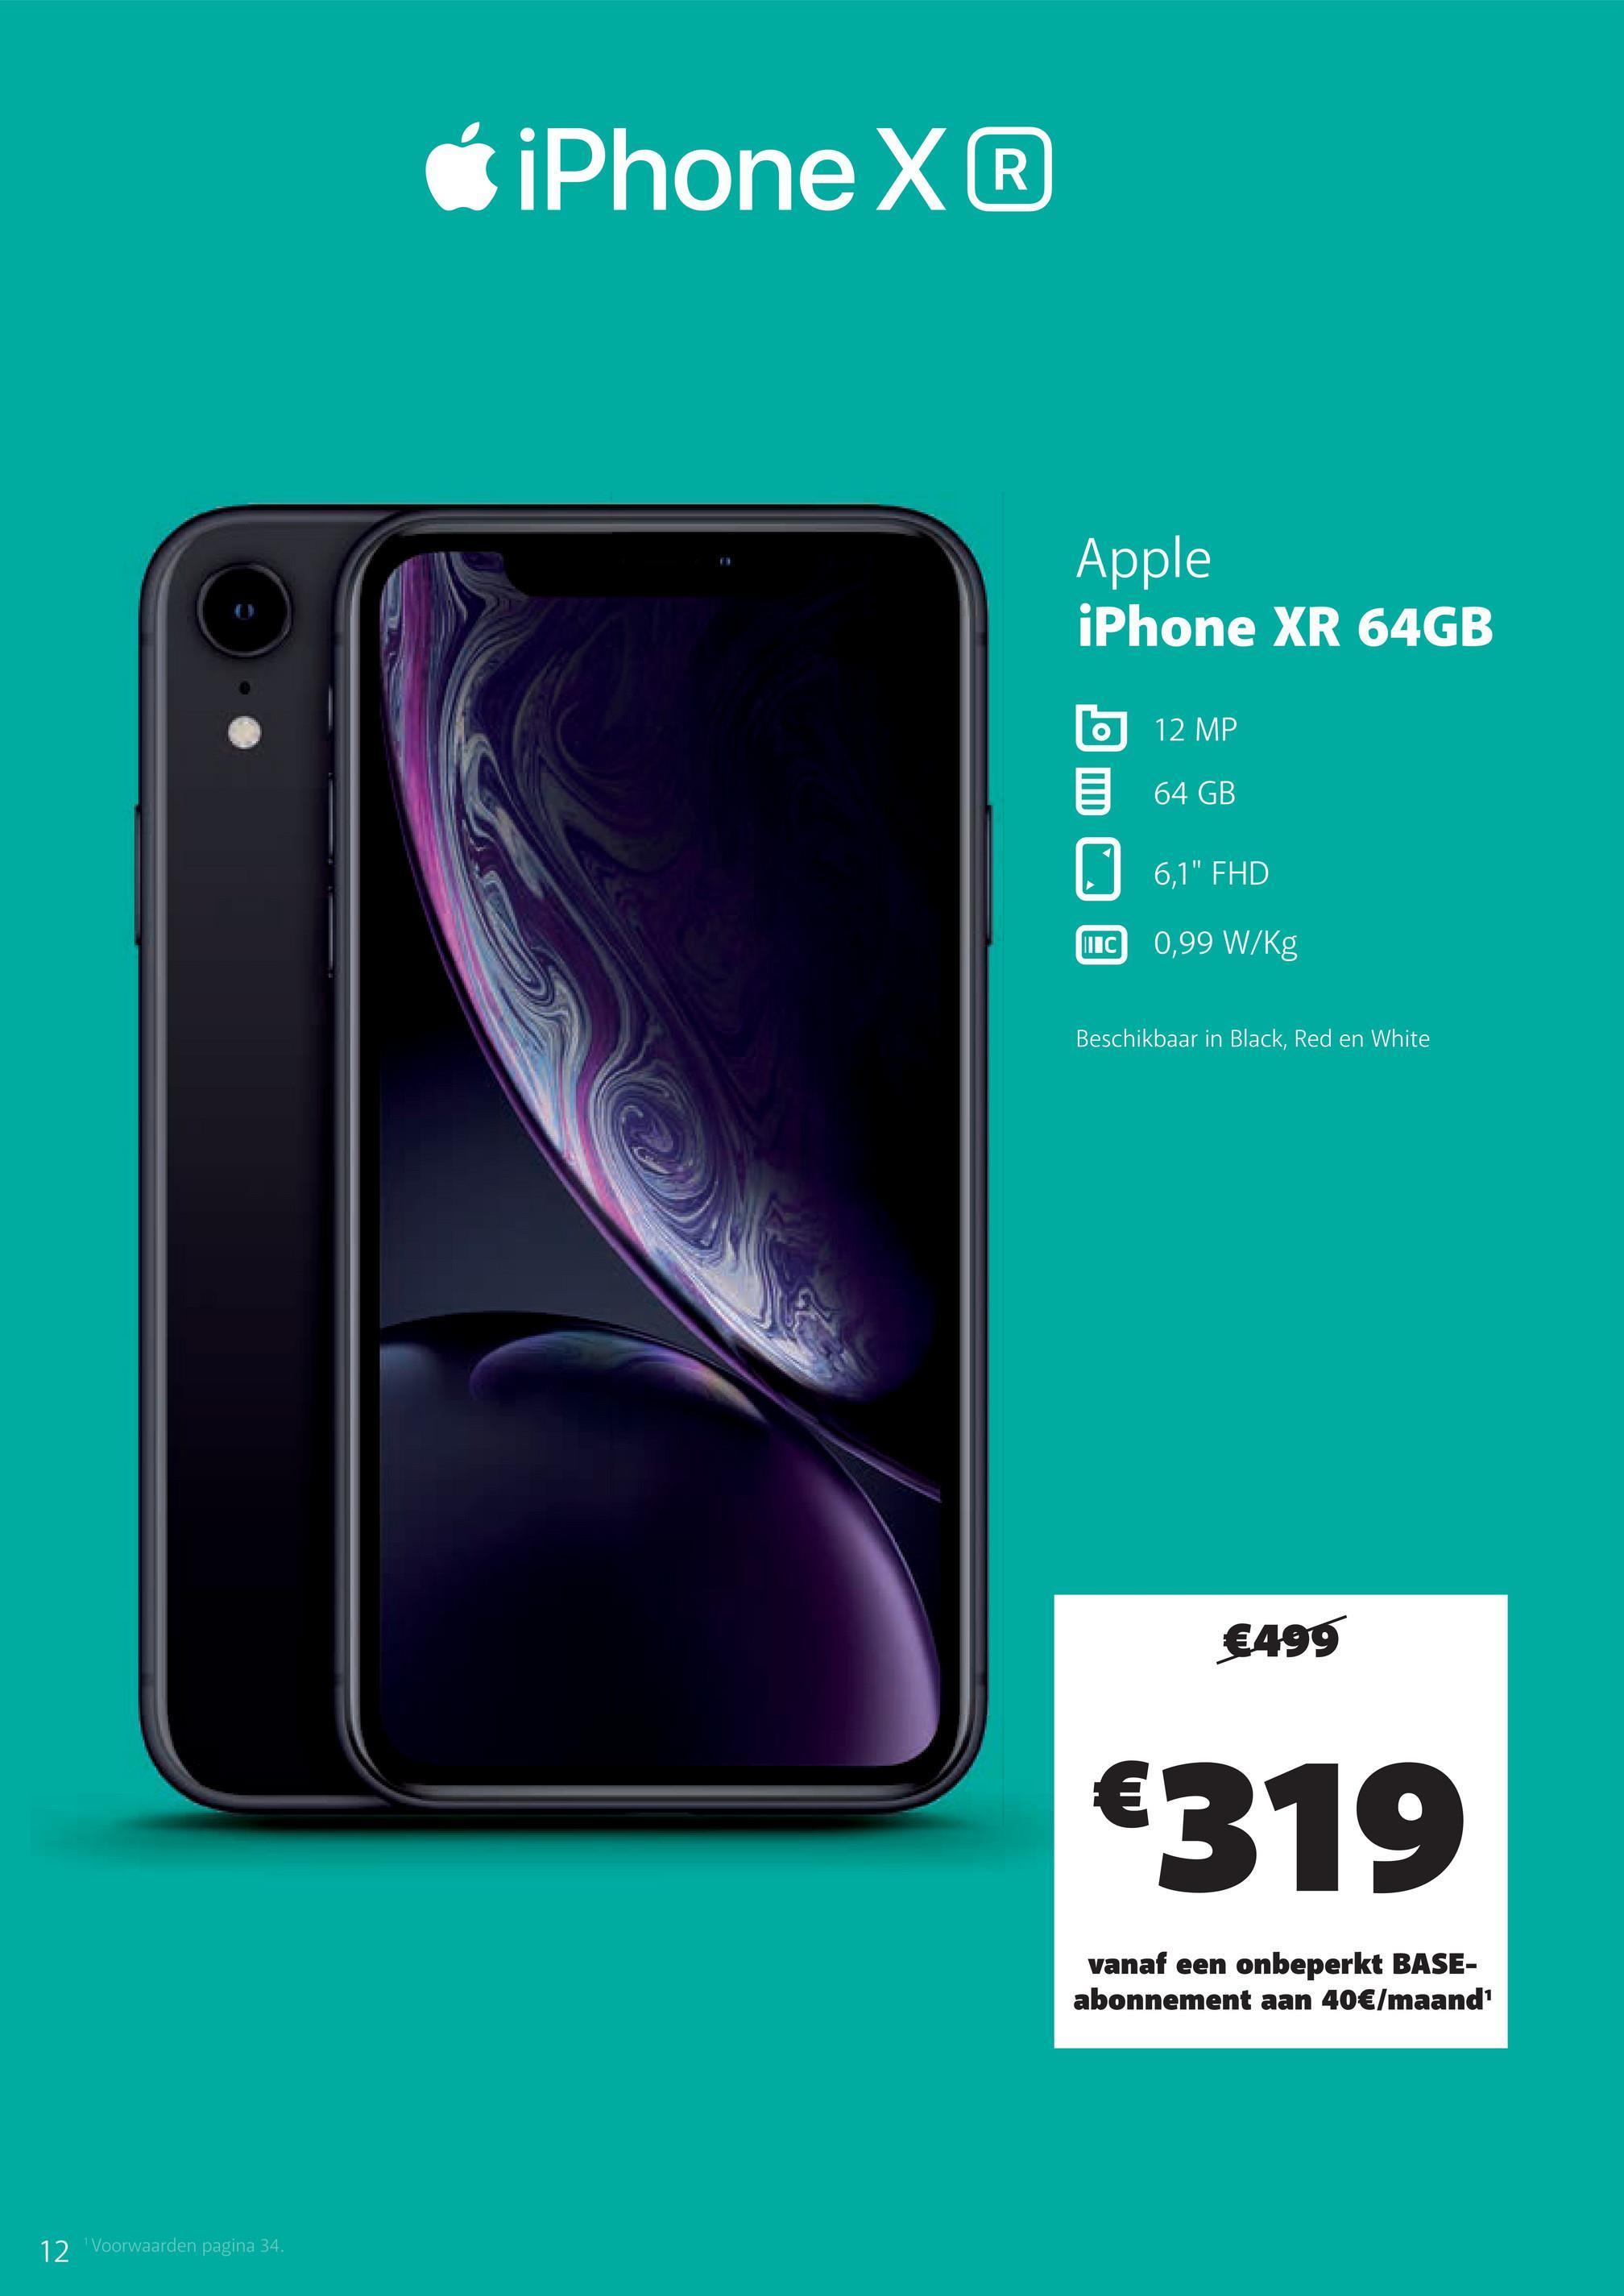 """iPhone X Apple iPhone XR 64GB O 12 MP 64 GB 6,1"""" FHD MIC 0,99 W/kg Beschikbaar in Black, Red en White €499 €319 vanaf een onbeperkt BASE- abonnement aan 40€/maand 12 Voorwaarden pagina 34."""